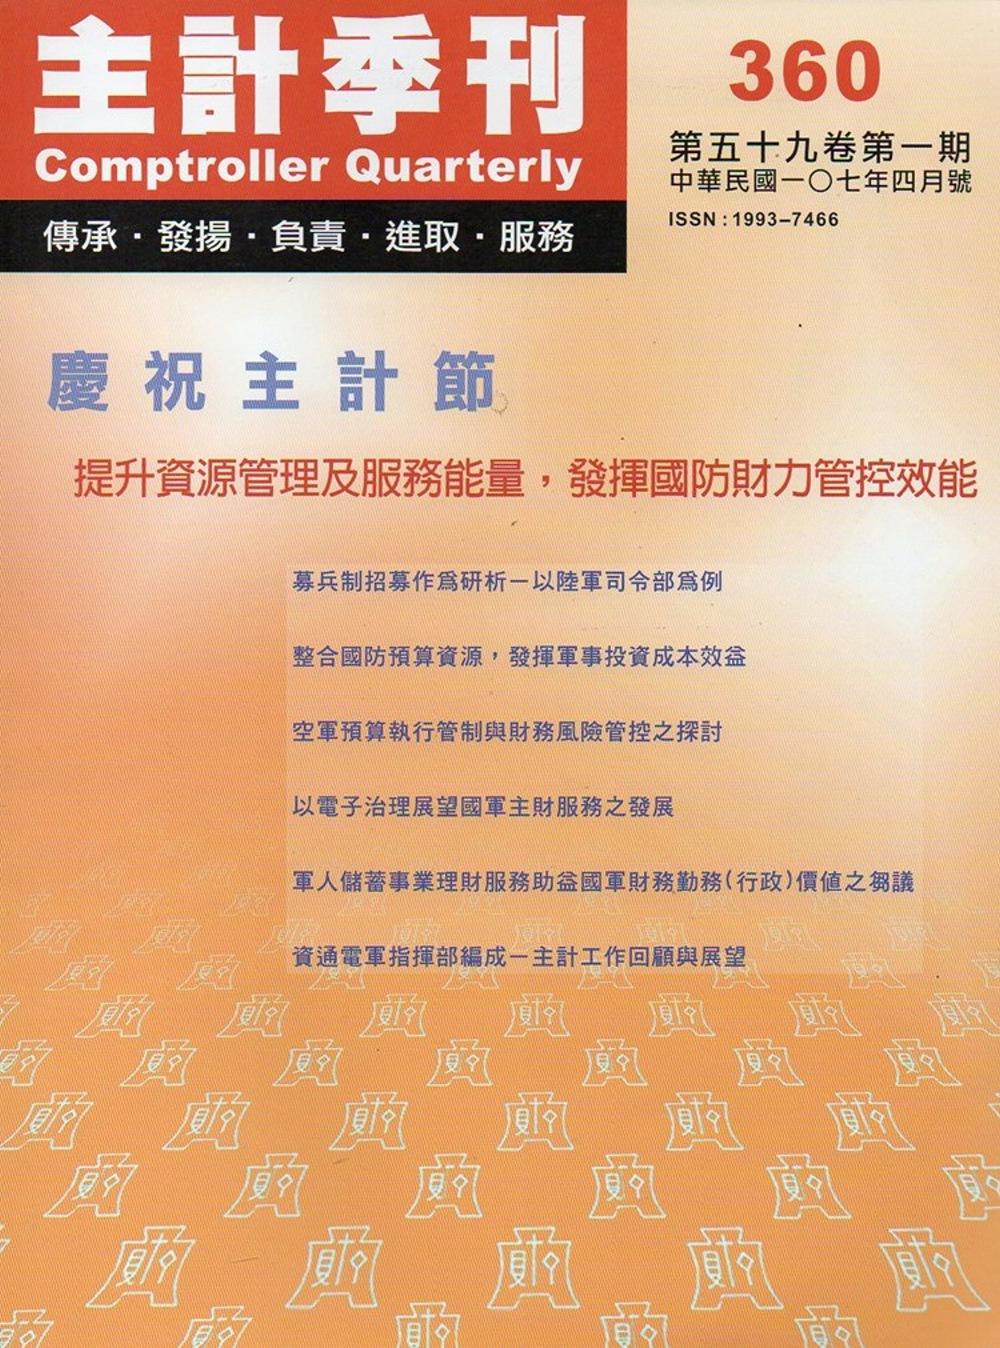 主計季刊第59卷1期NO.360(107/04)